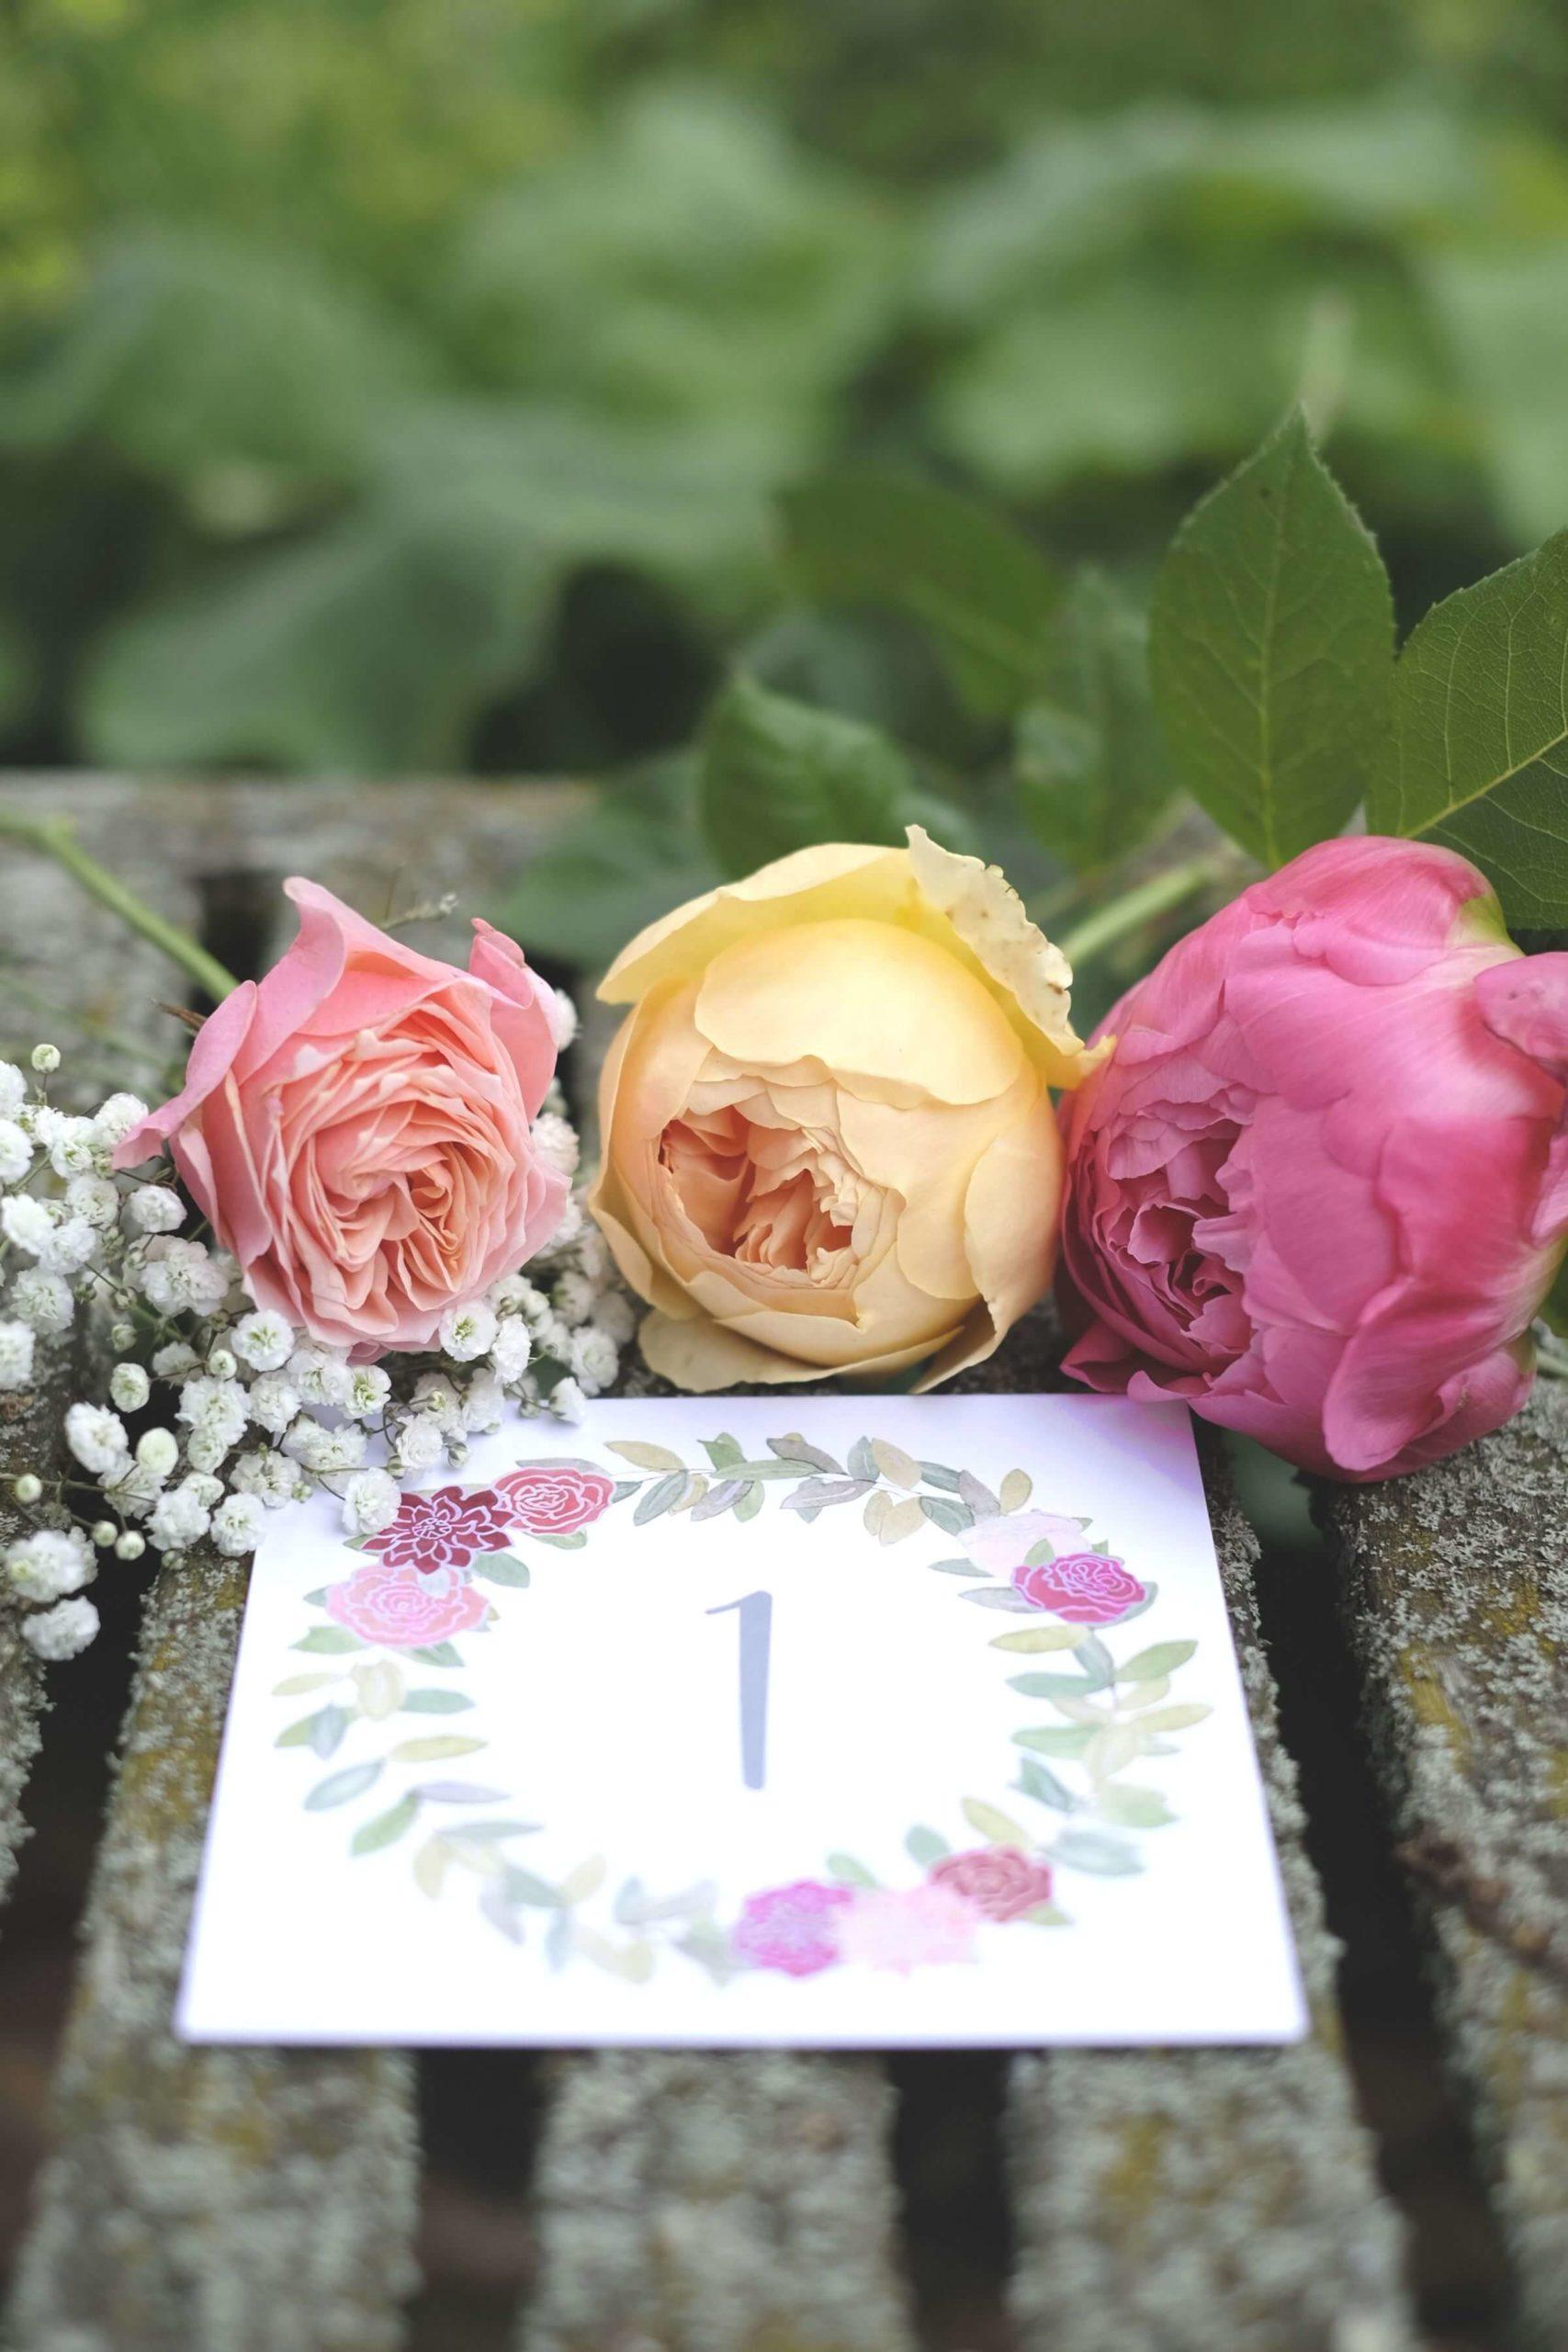 Rose, Claret & Blackberries 57